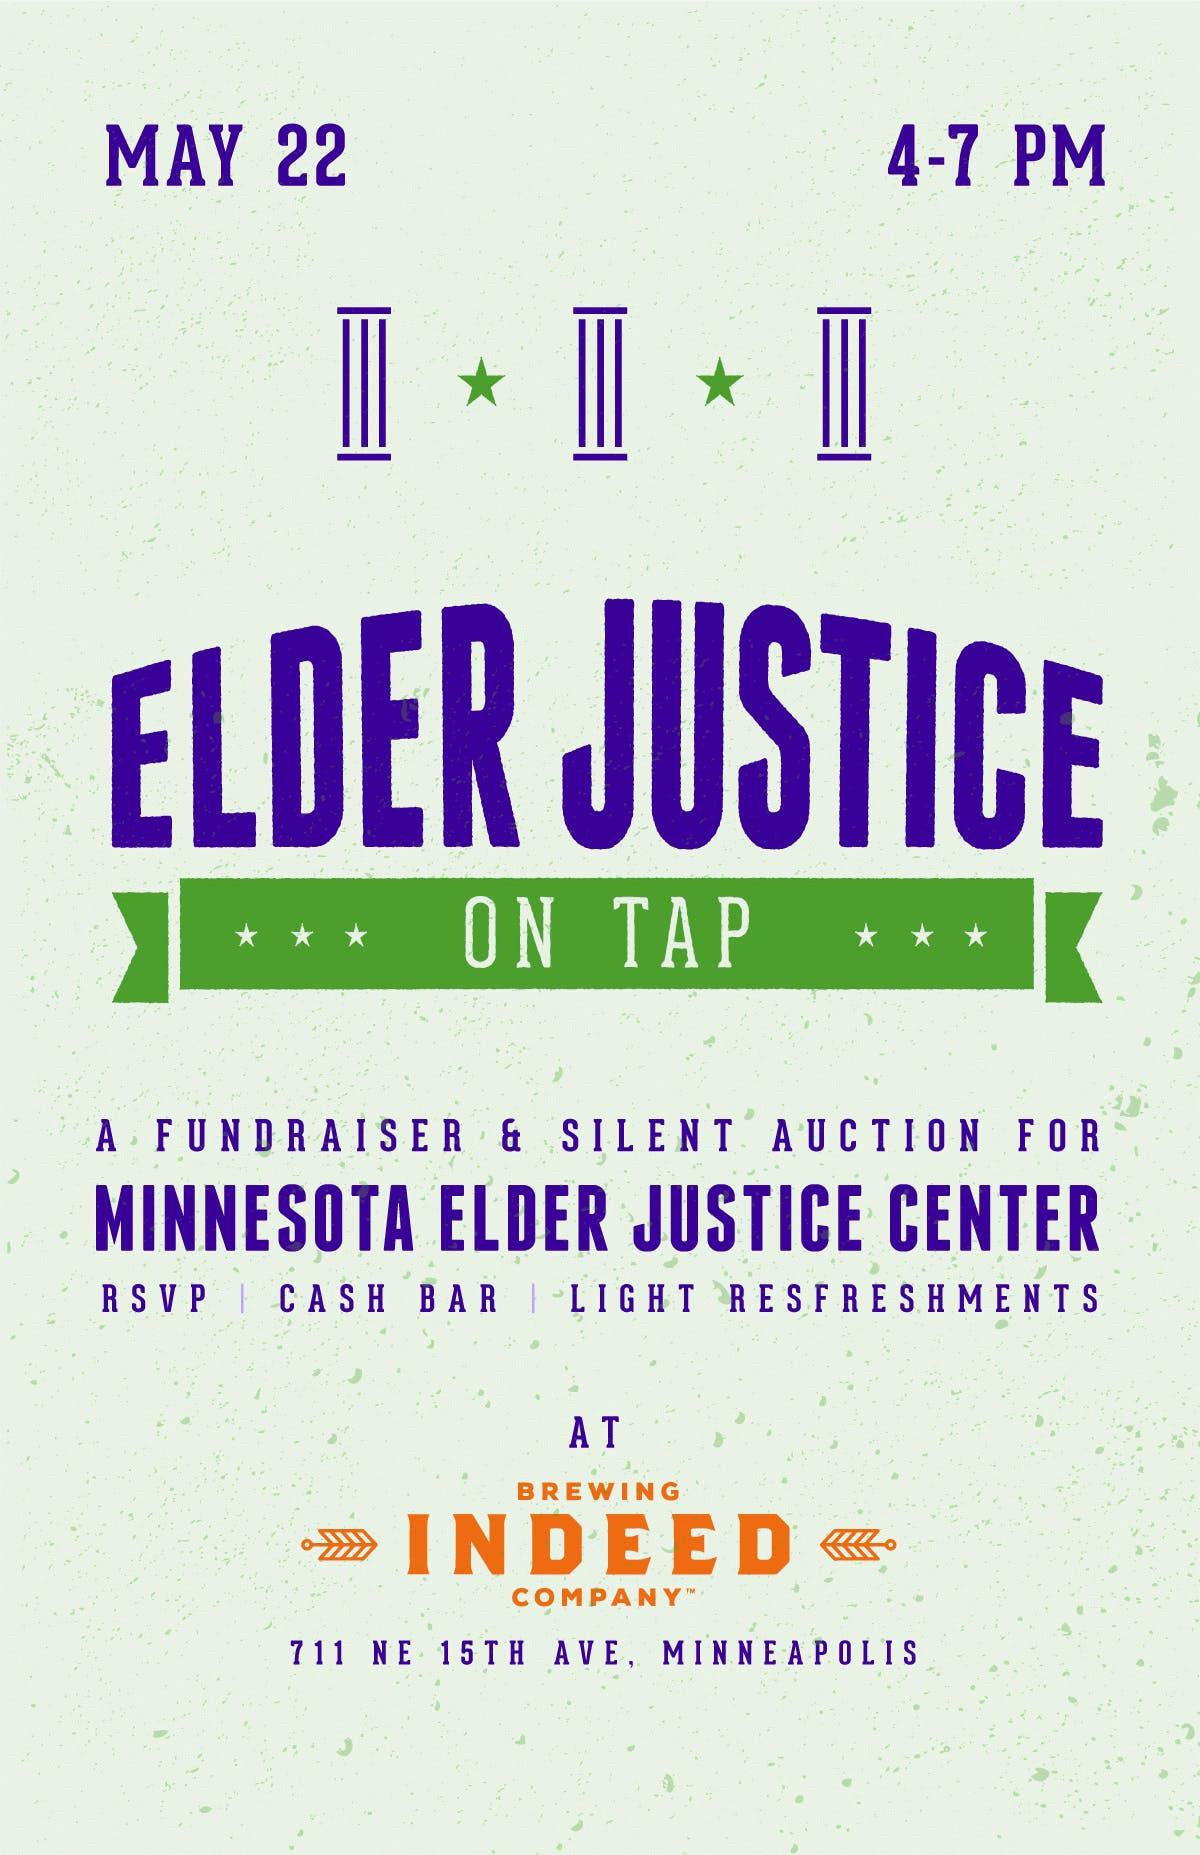 Minnesota Elder Justice Center Fundraiser at